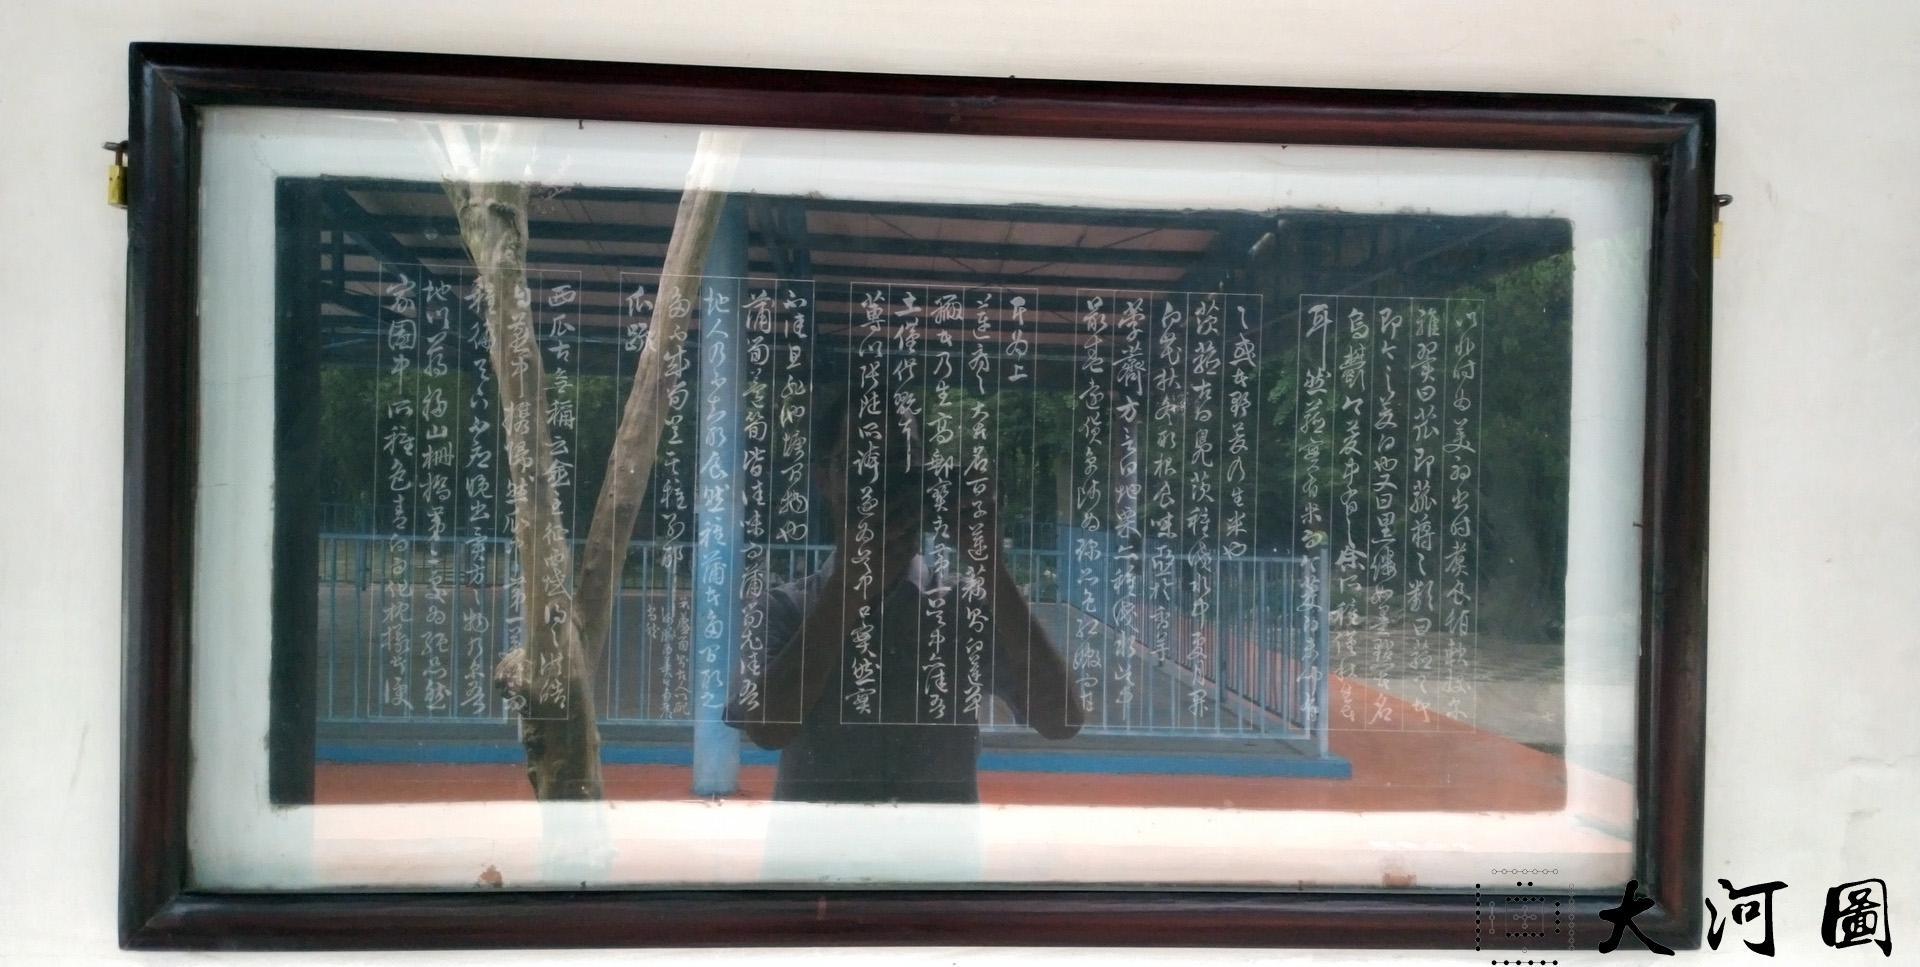 太仓弇山园石刻书法碑 石狮子 墨妙亭 这里是太仓 摄影 第26张